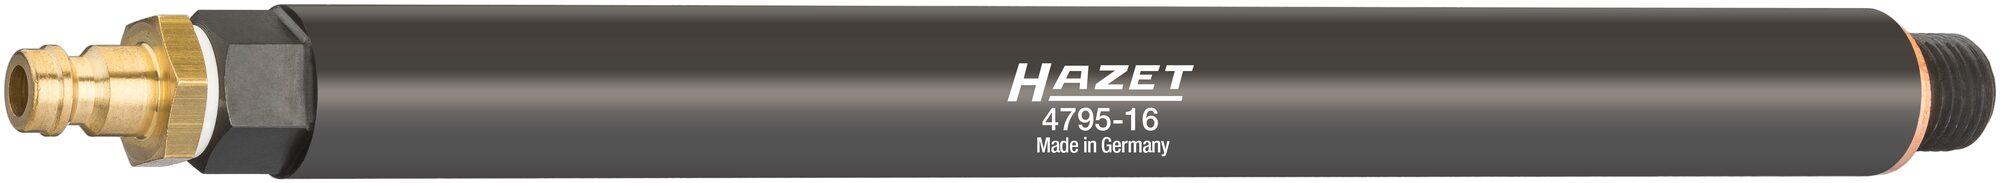 HAZET Druckverlust-Tester 4795-16